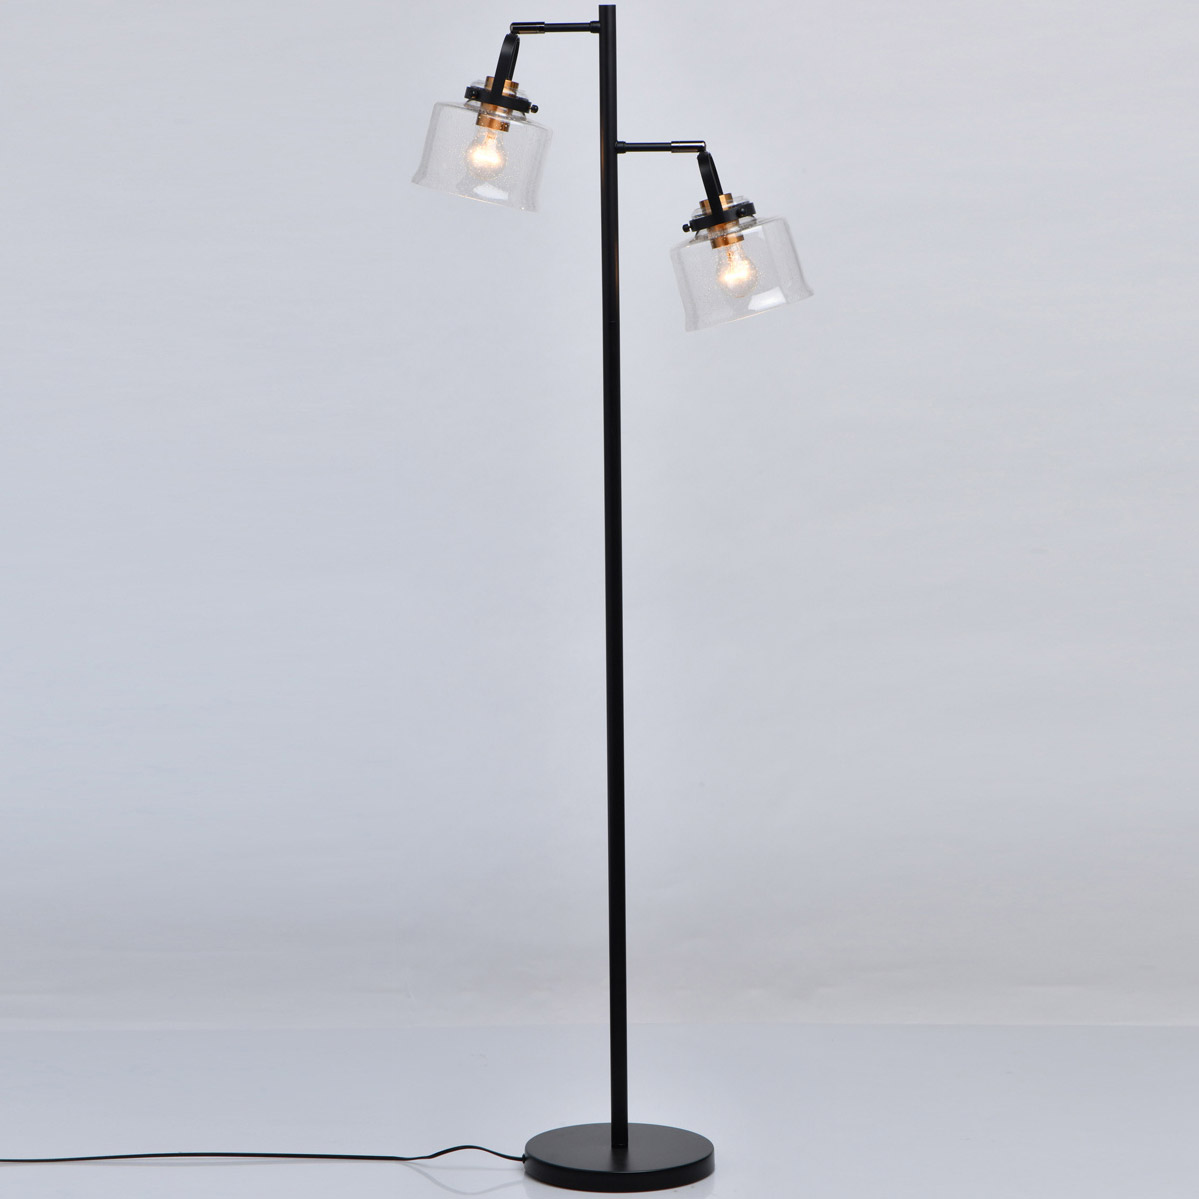 Lampa Podłogowa Podwójna Czarna Szklane Klosze Walter Demarkt Megapolis